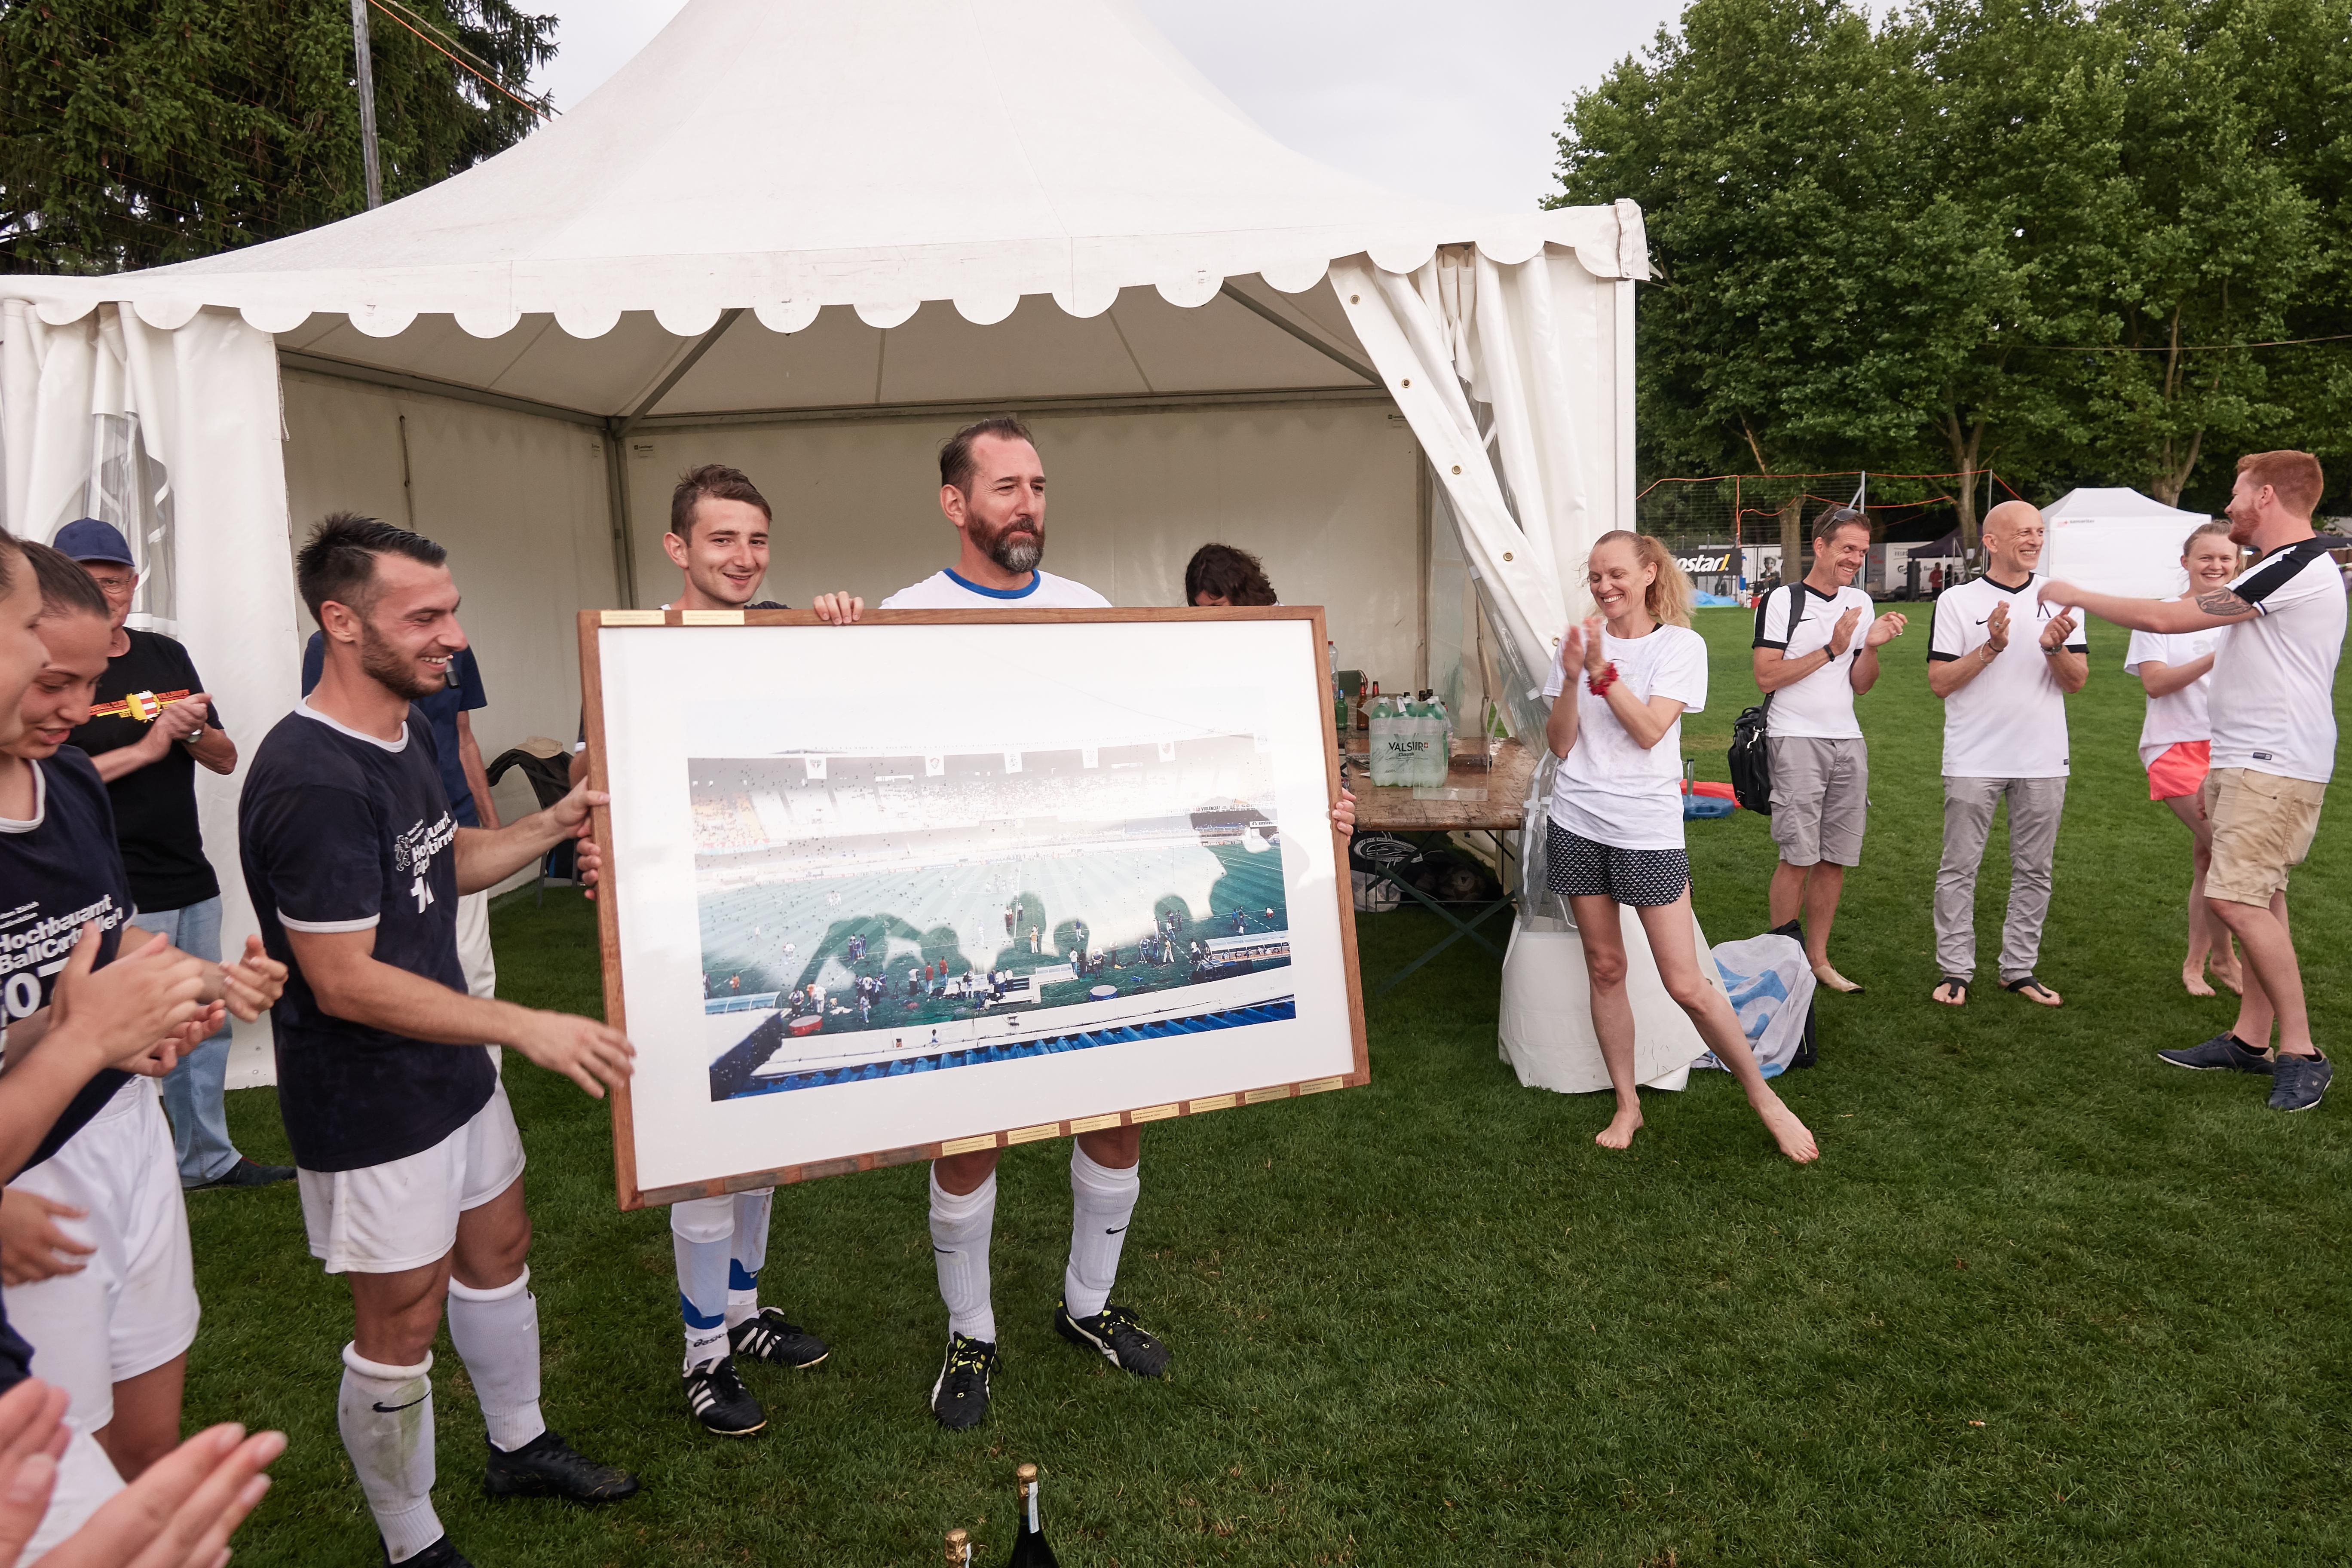 Der Sieger des 14. Architektenfussballturniers, das Hochbauamt des Kanton Zürich. Der Captain der Mannschaft, David Vogt, darf den Wanderpokal wieder mitnehmen.